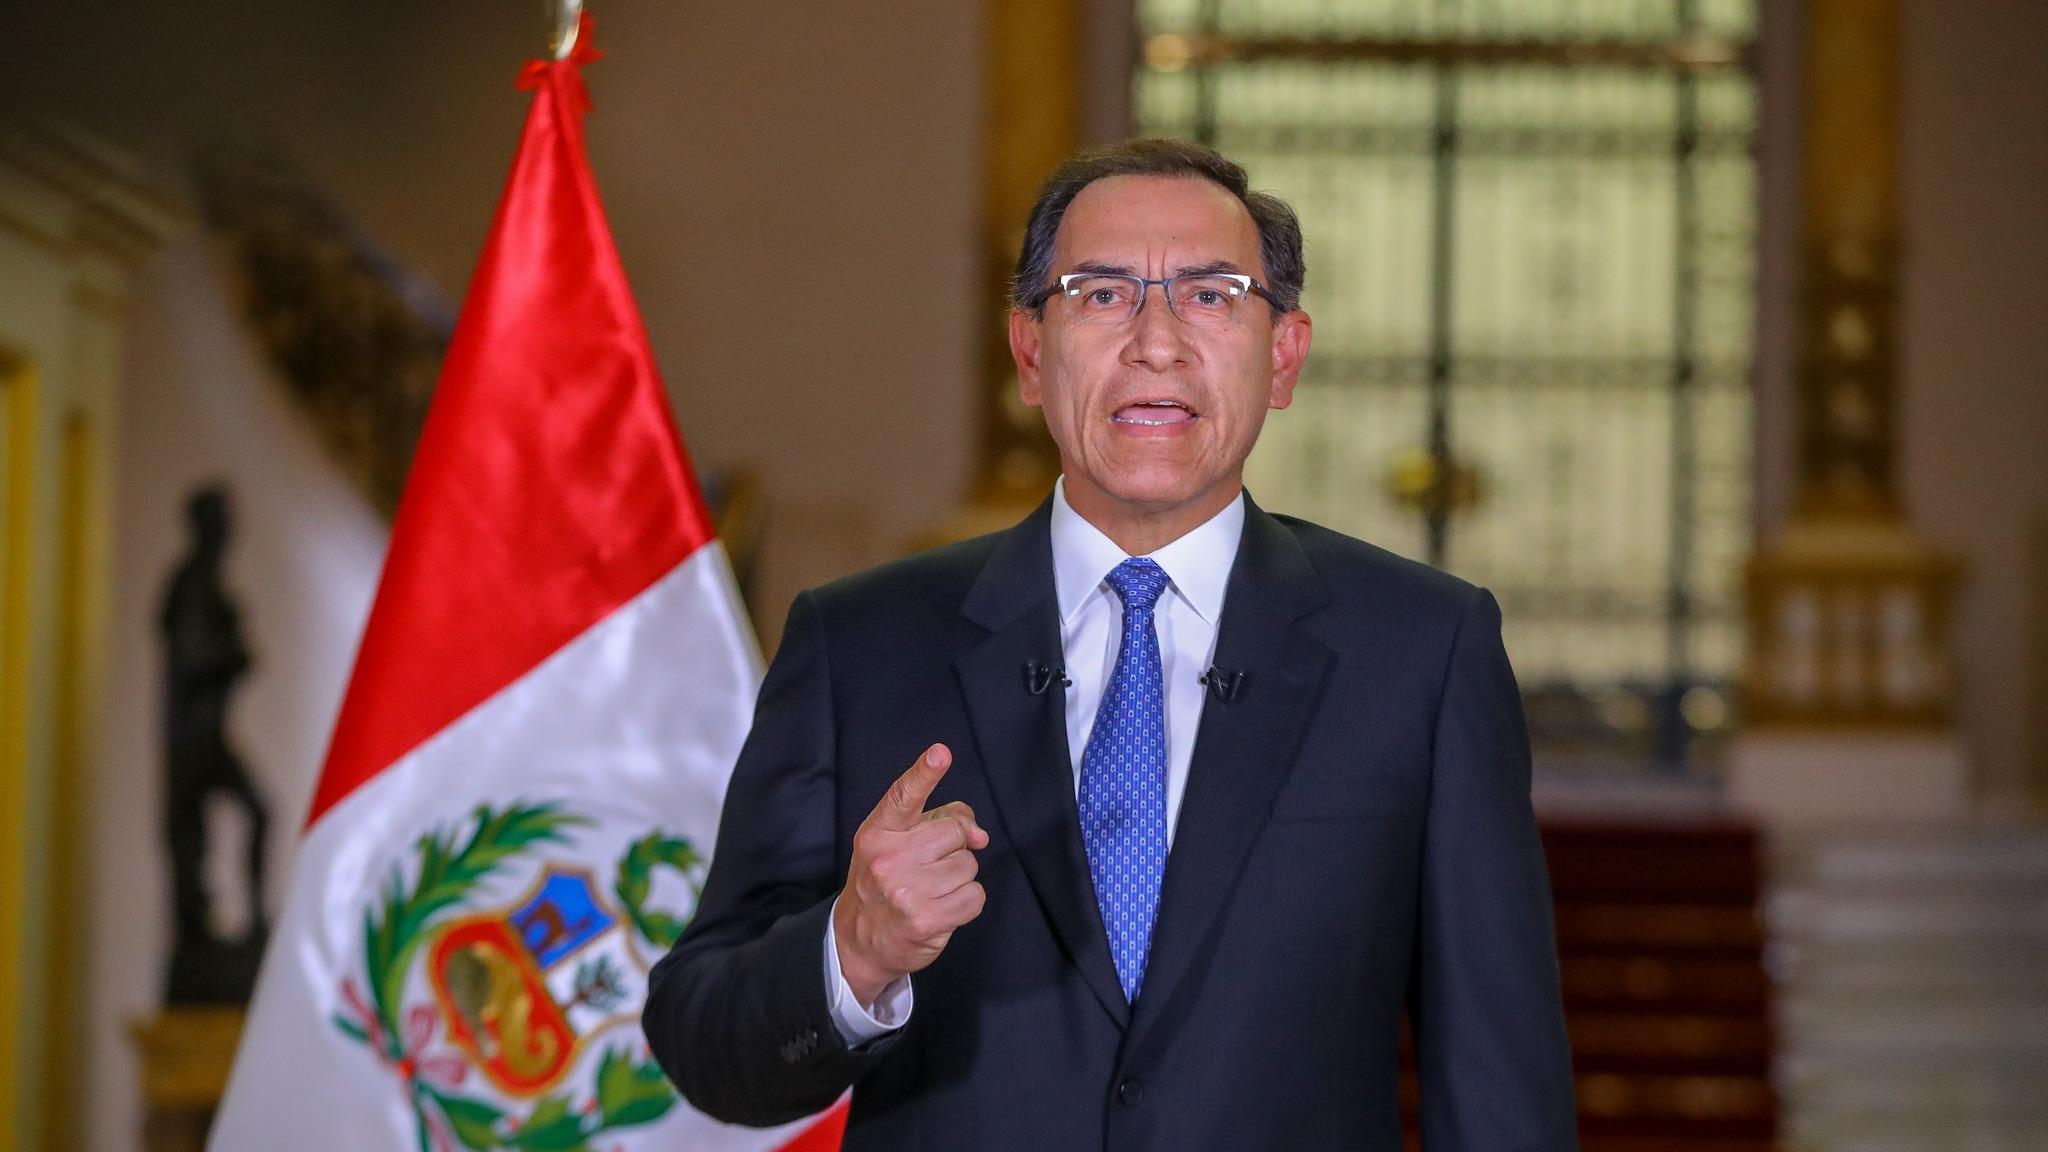 El mandatario instó al Congreso de sumarse a las reformas y convocó a una legislatura extraordinaria para el miércoles 19.